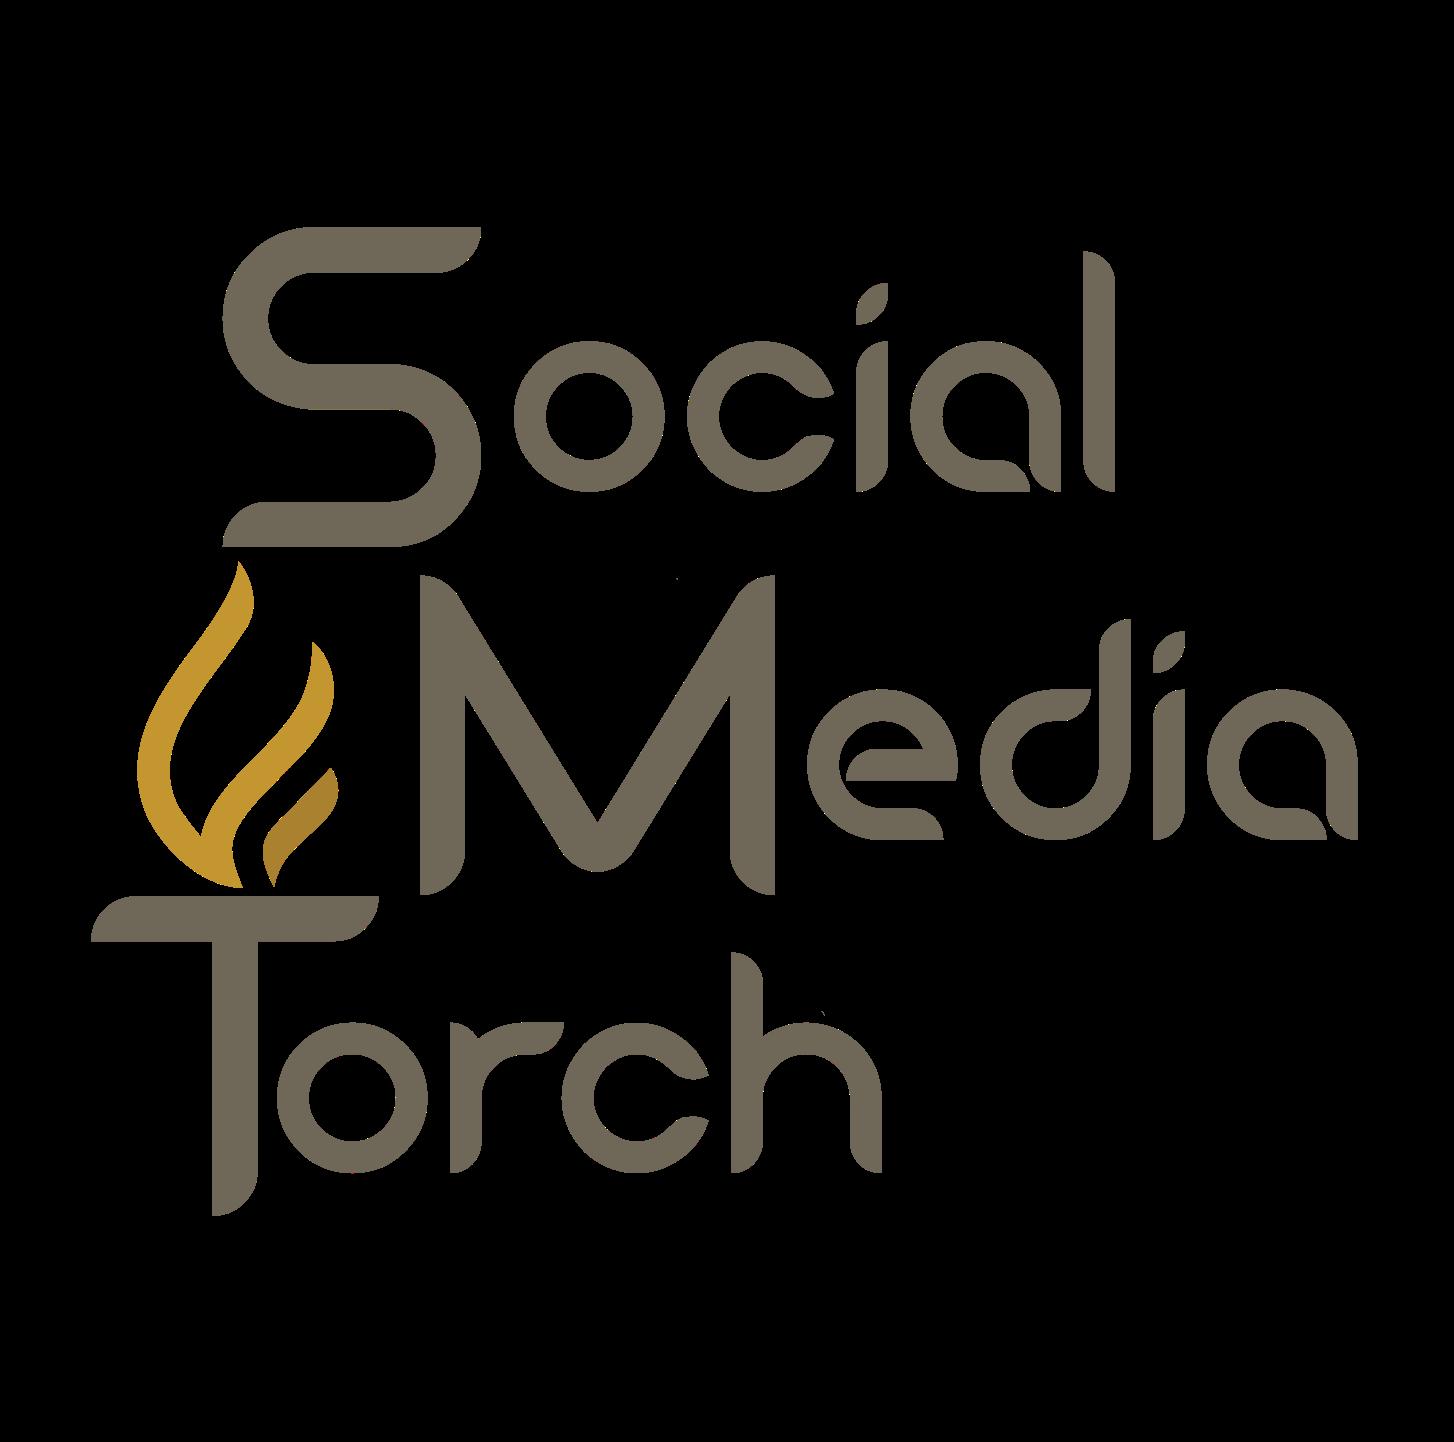 Social Media Torch logo